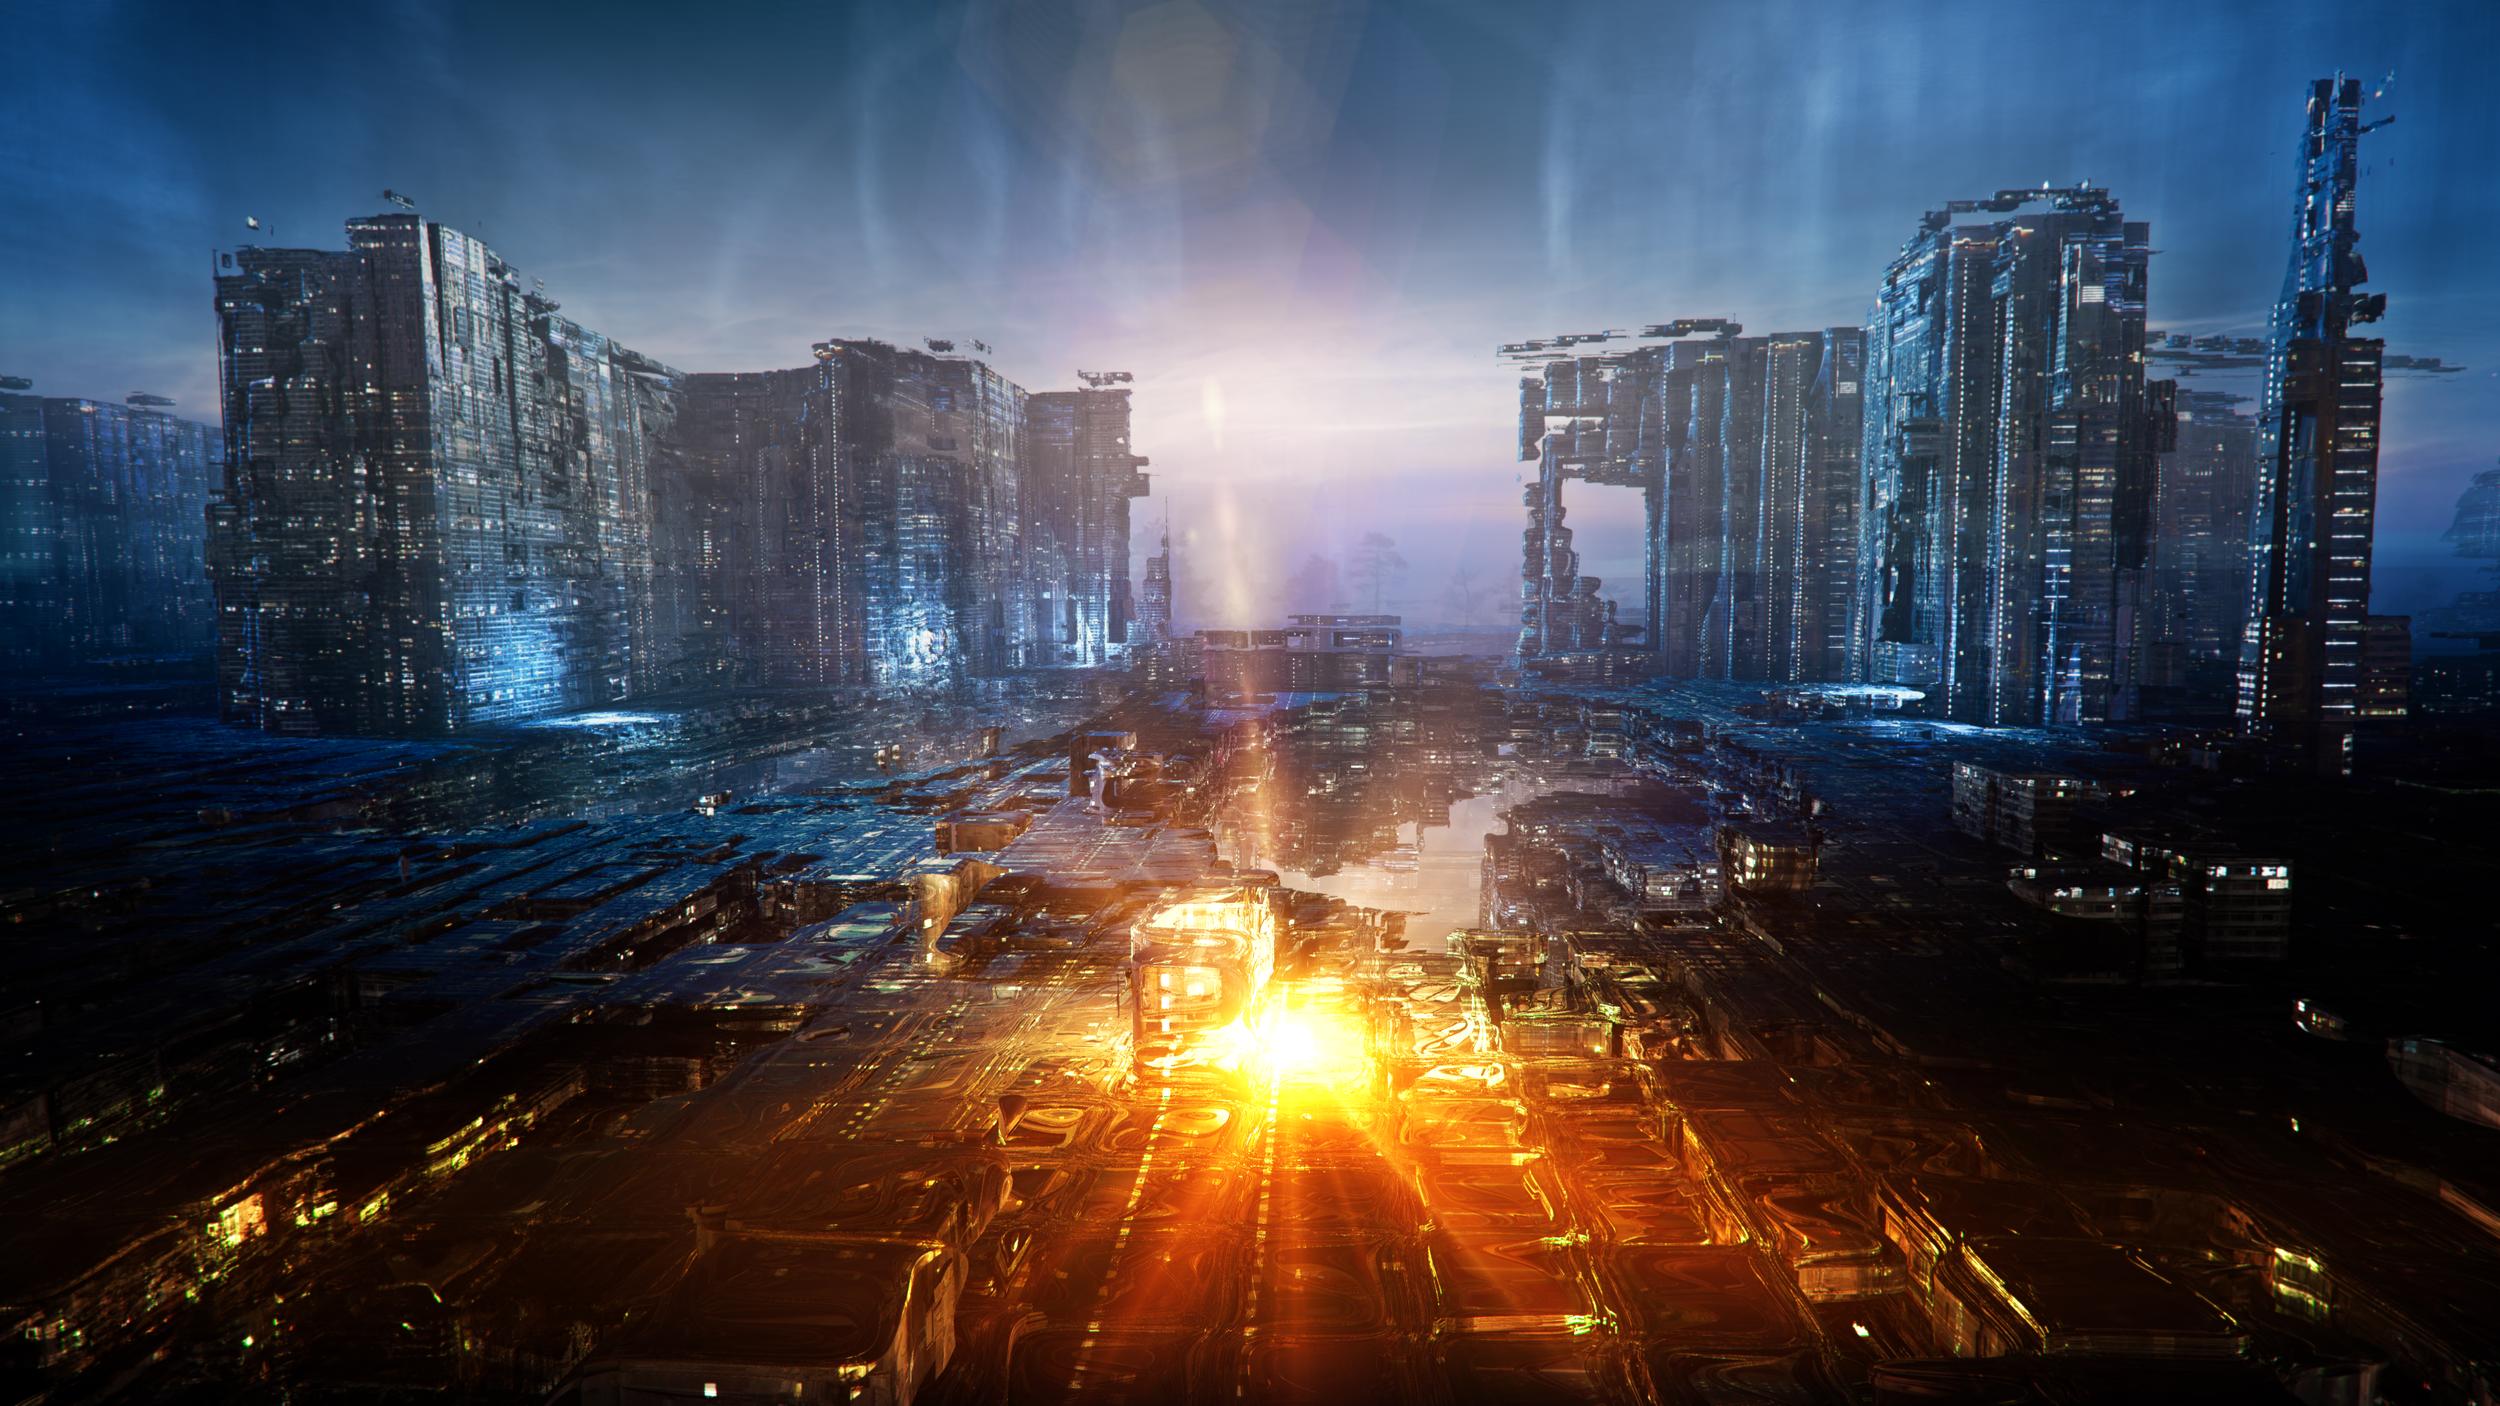 Dystopian (3840x2160)